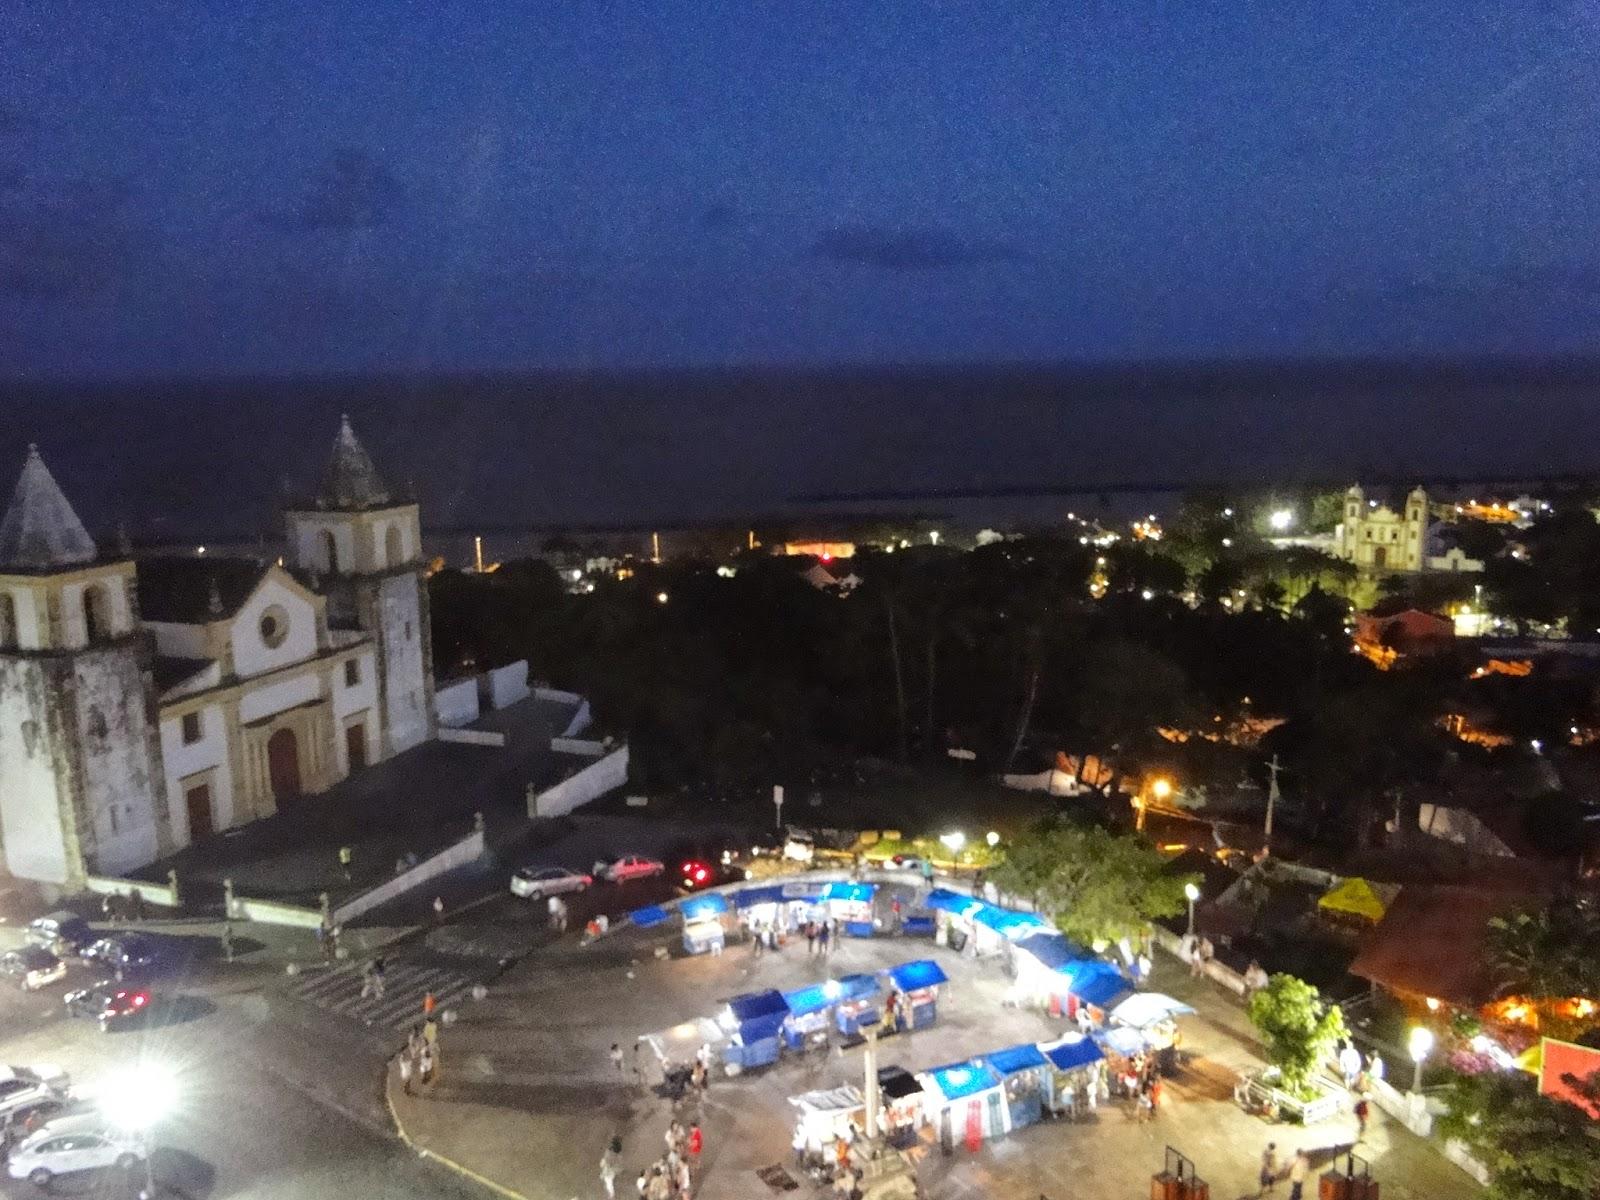 vista noturna de olinda